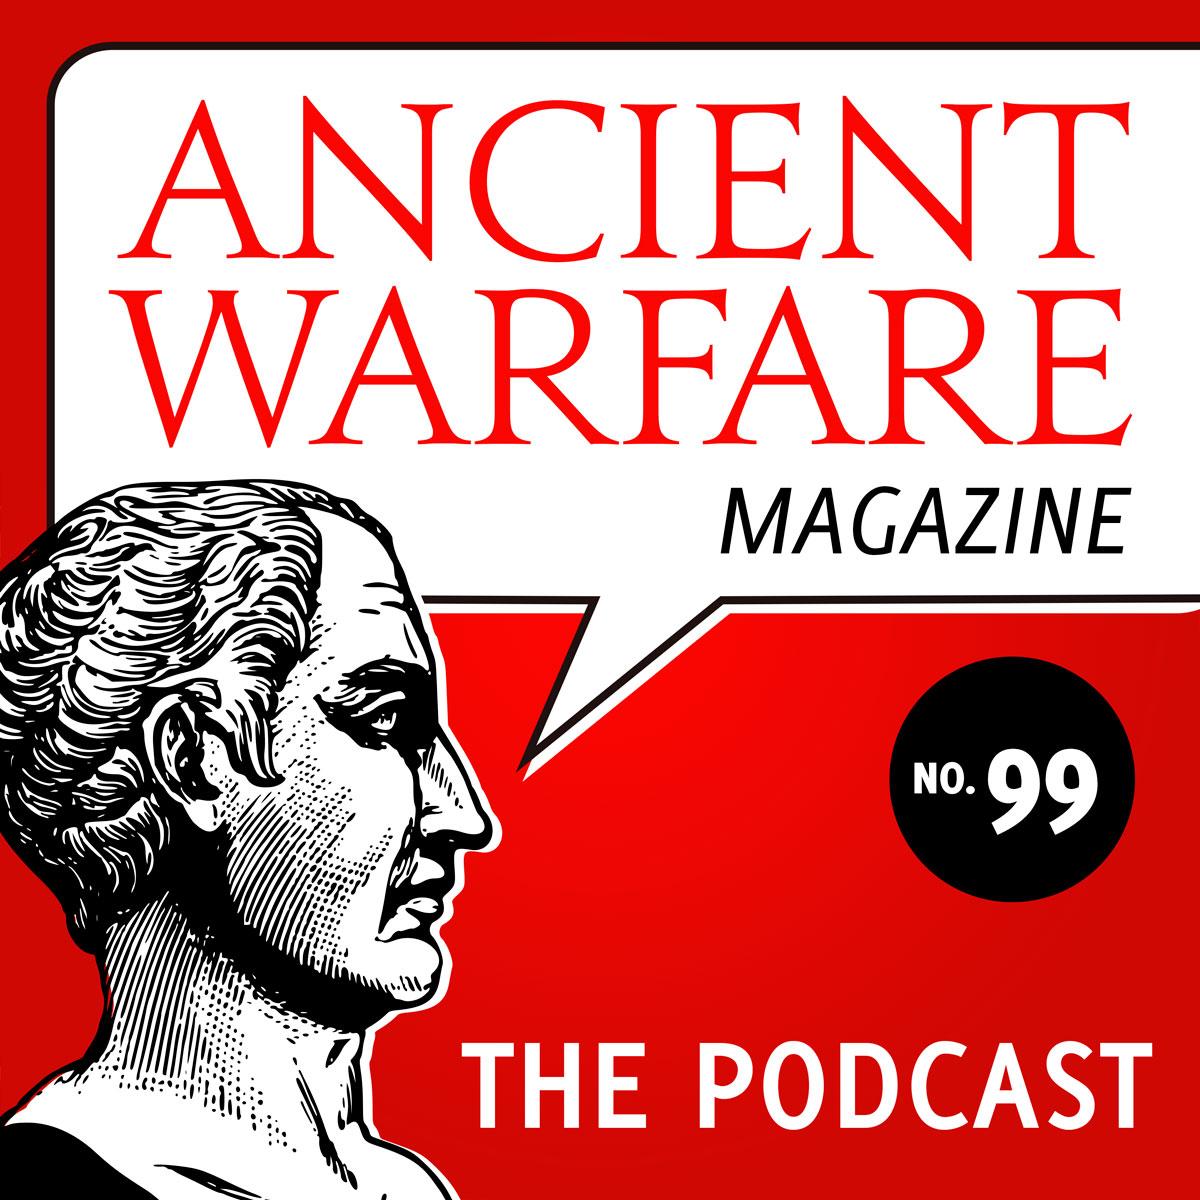 Watch, read, listen... Ancient Warfare in 'Lockdown'